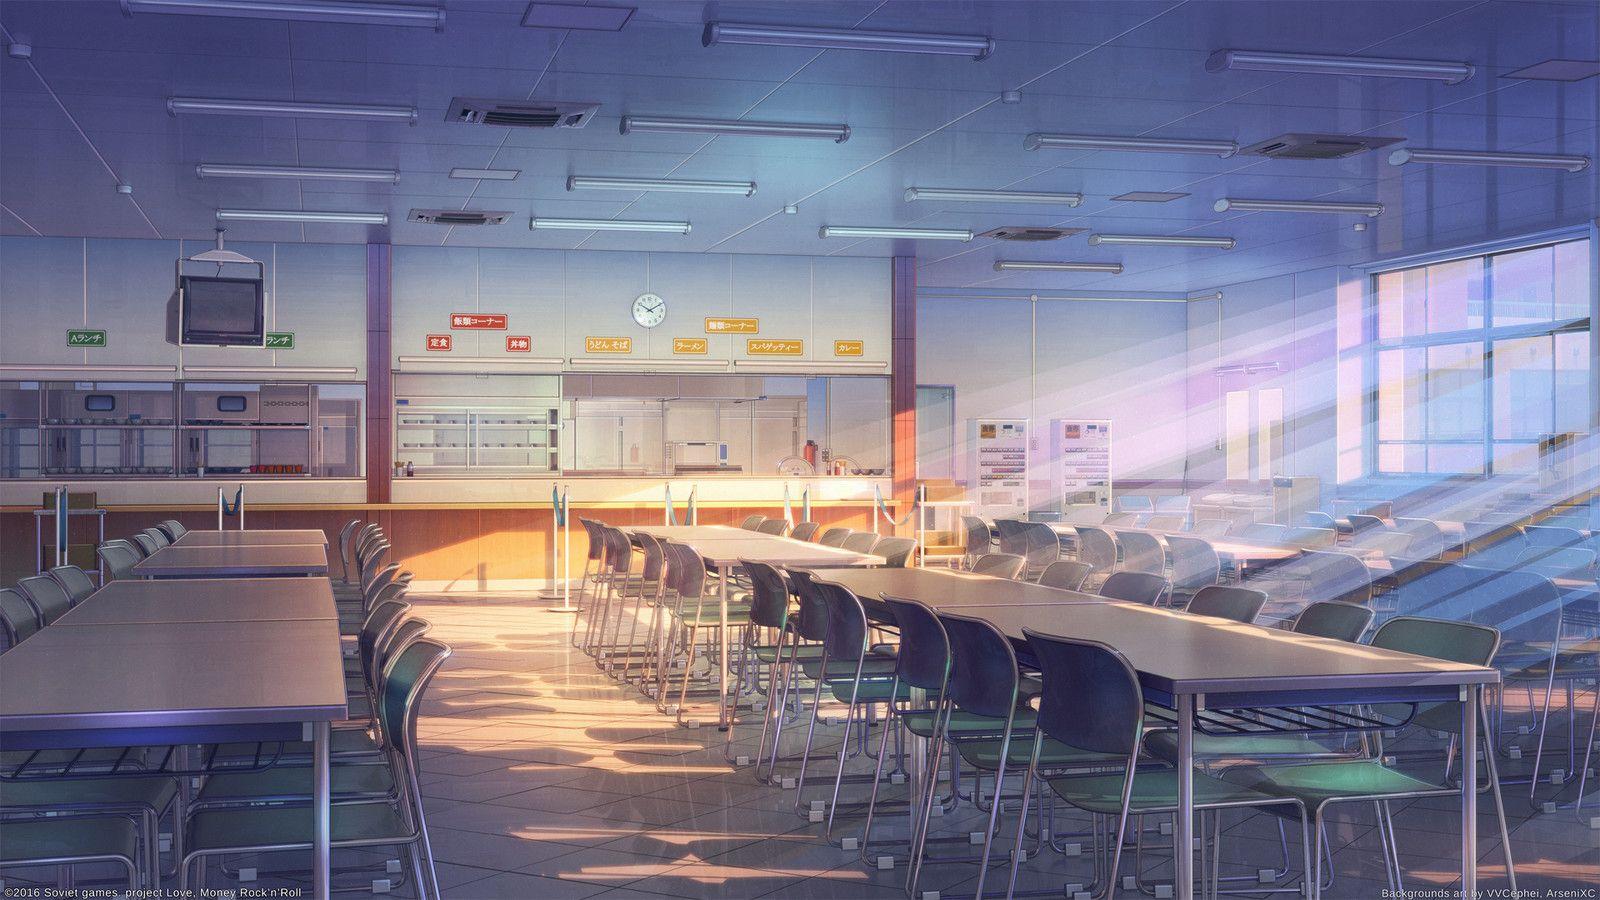 School cafeteria Arseniy Chebynkin on ArtStation at httpswww 1600x900